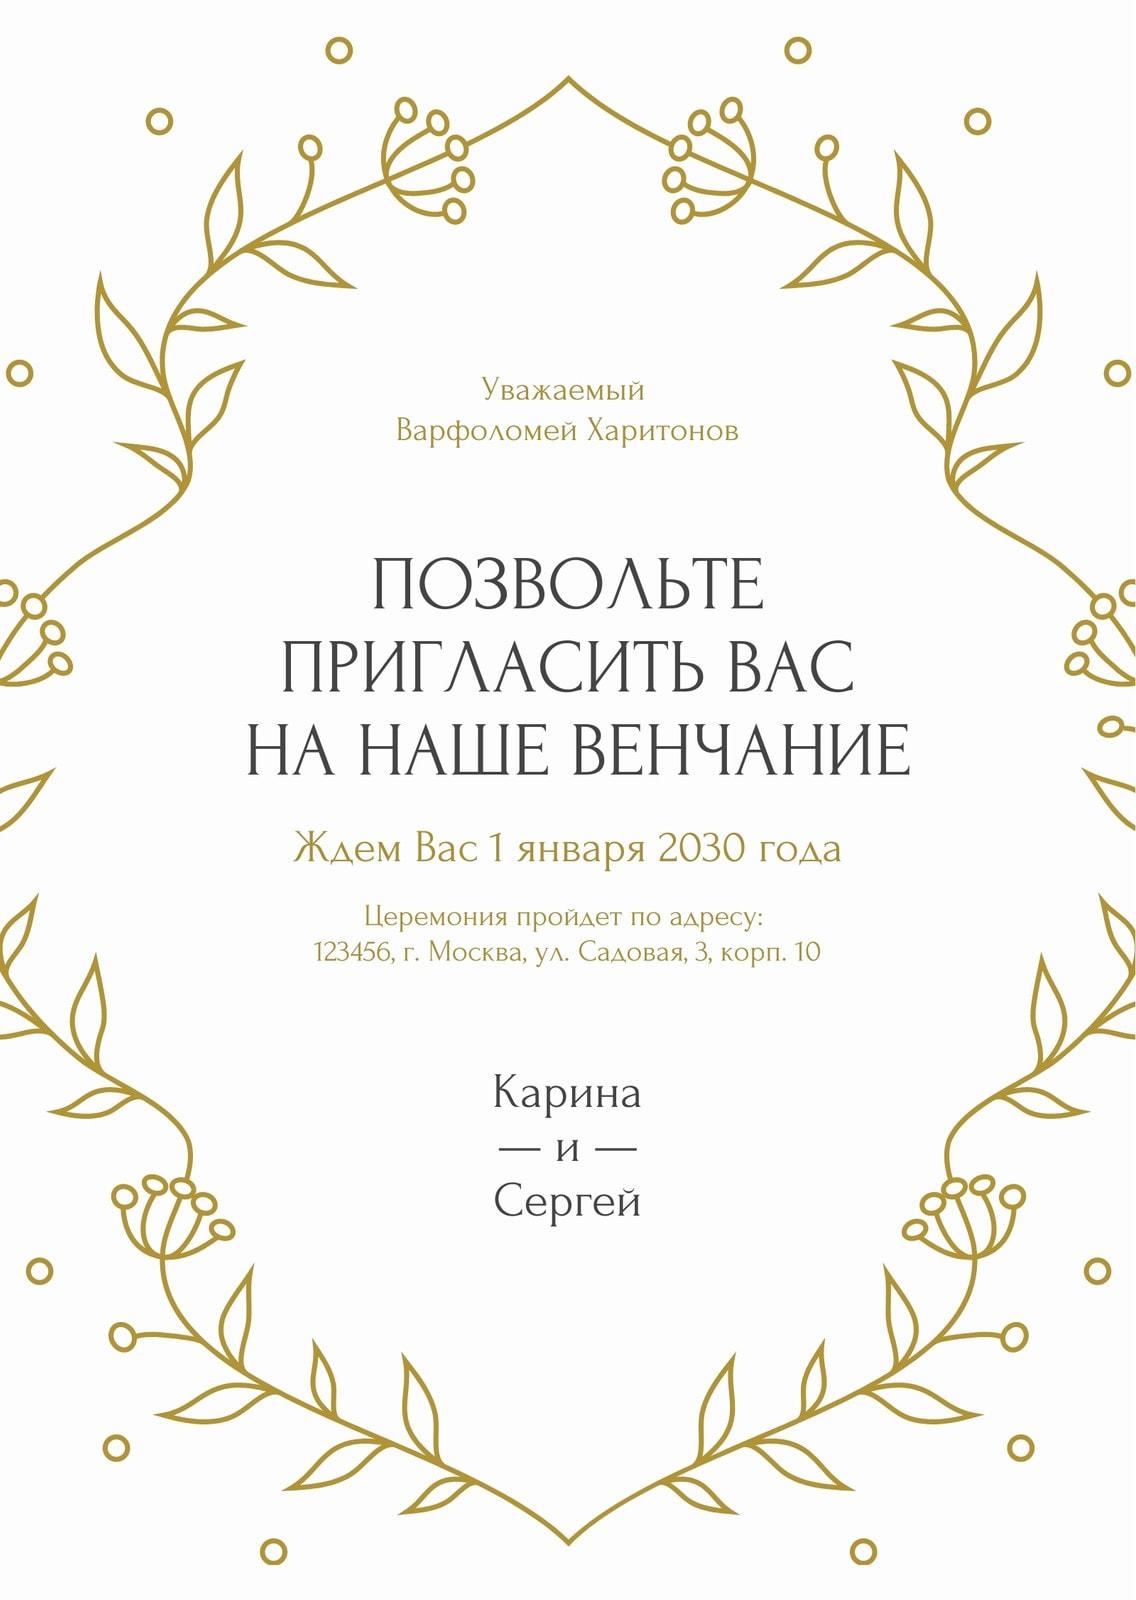 Белое приглашение на свадьбу с золотой цветочной рамкой